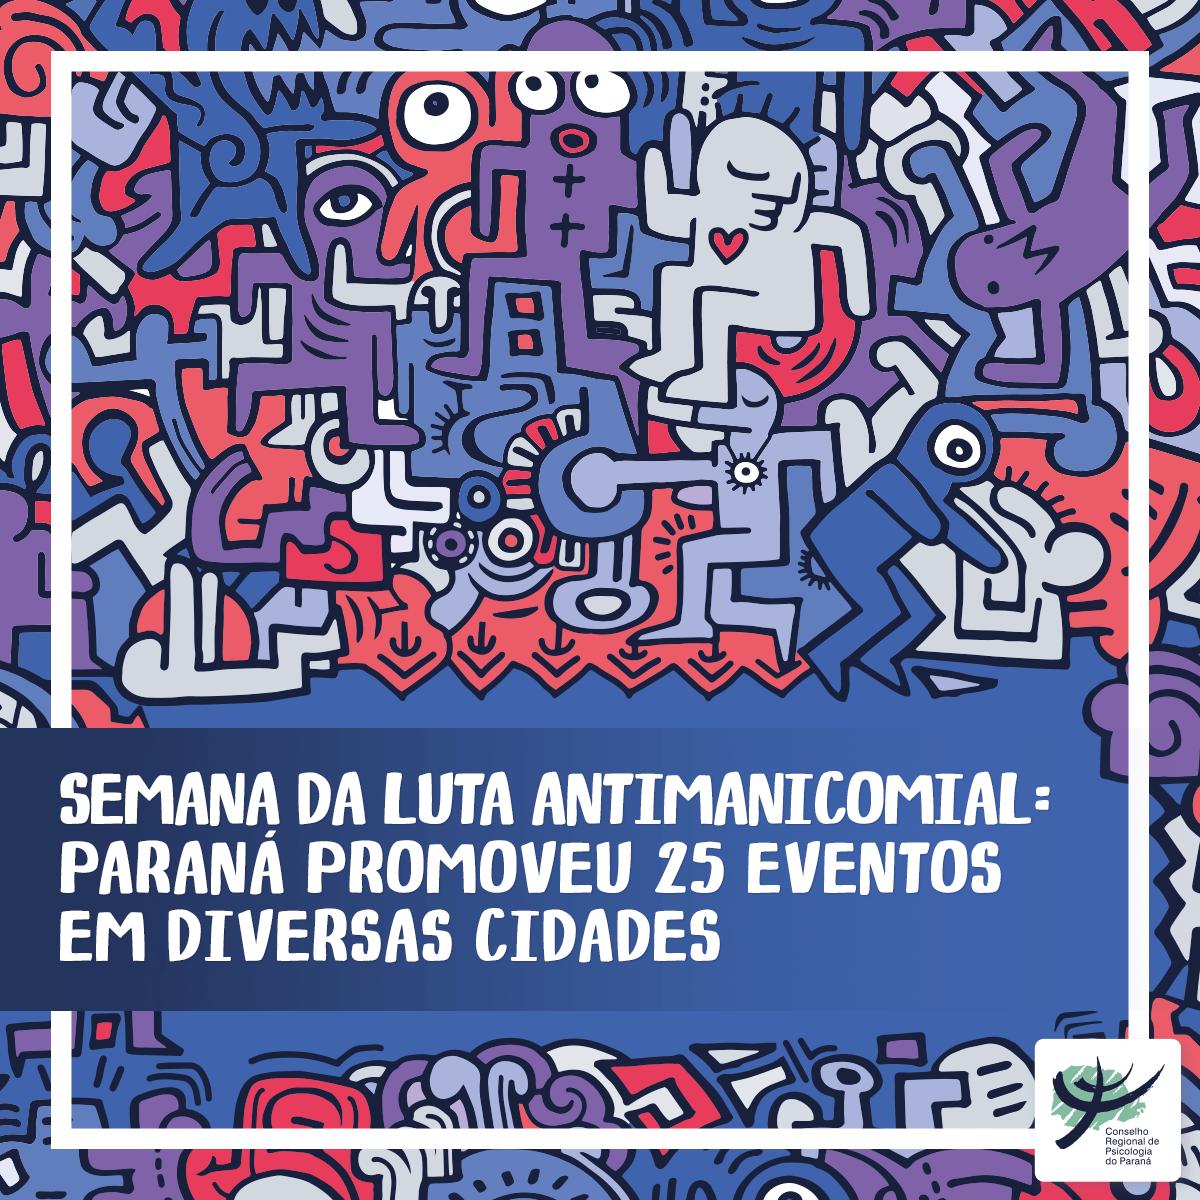 Semana da Luta Antimanicomial realizou atividades em diversas cidades